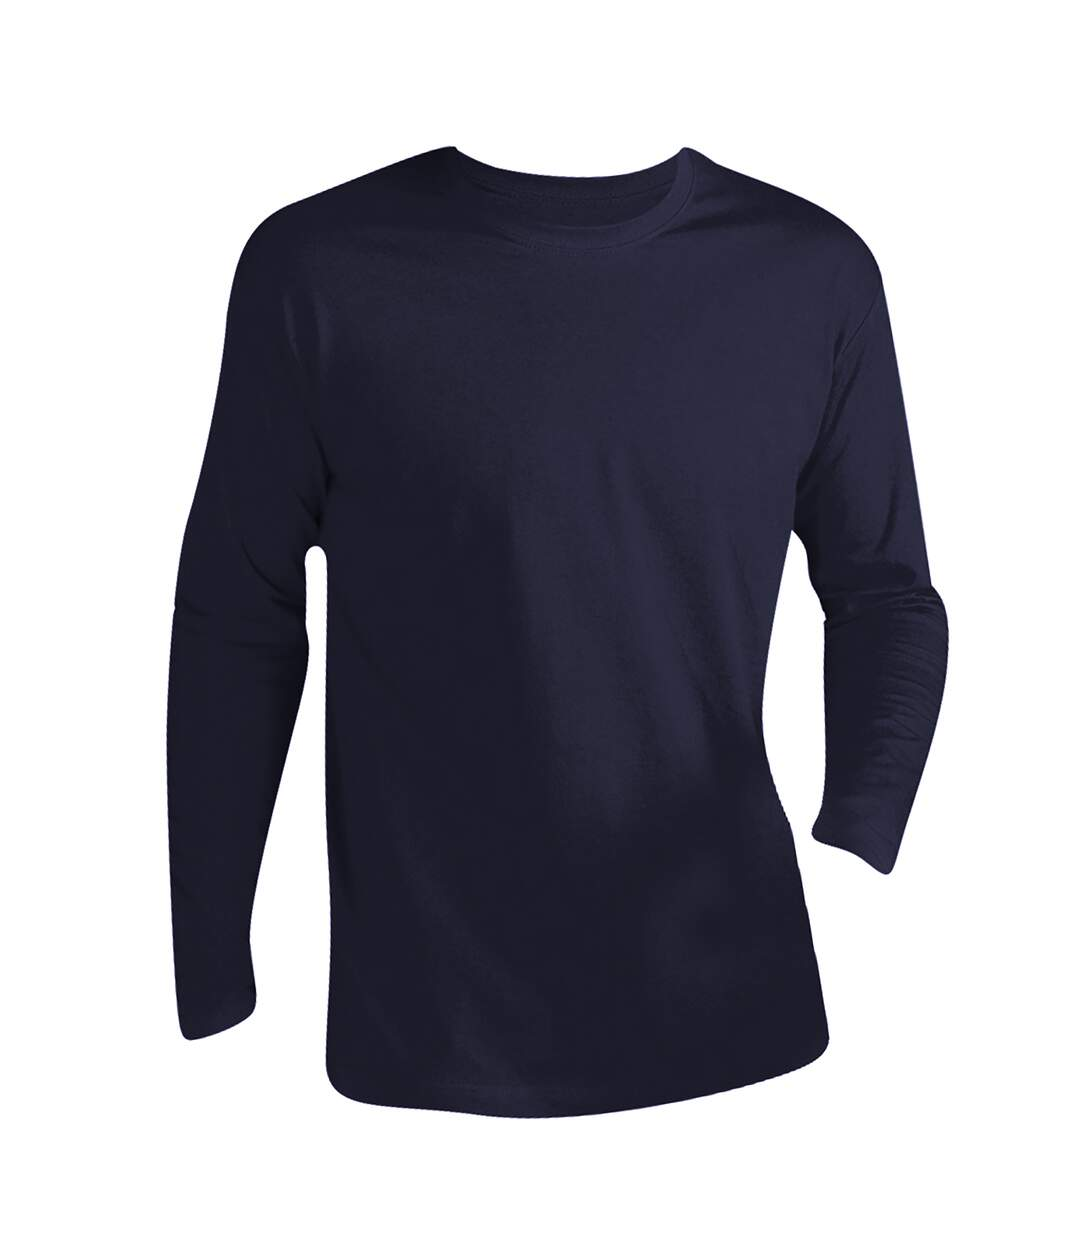 SOLS Monarch - T-shirt à manches longues - Homme (Bleu marine) - UTPC313